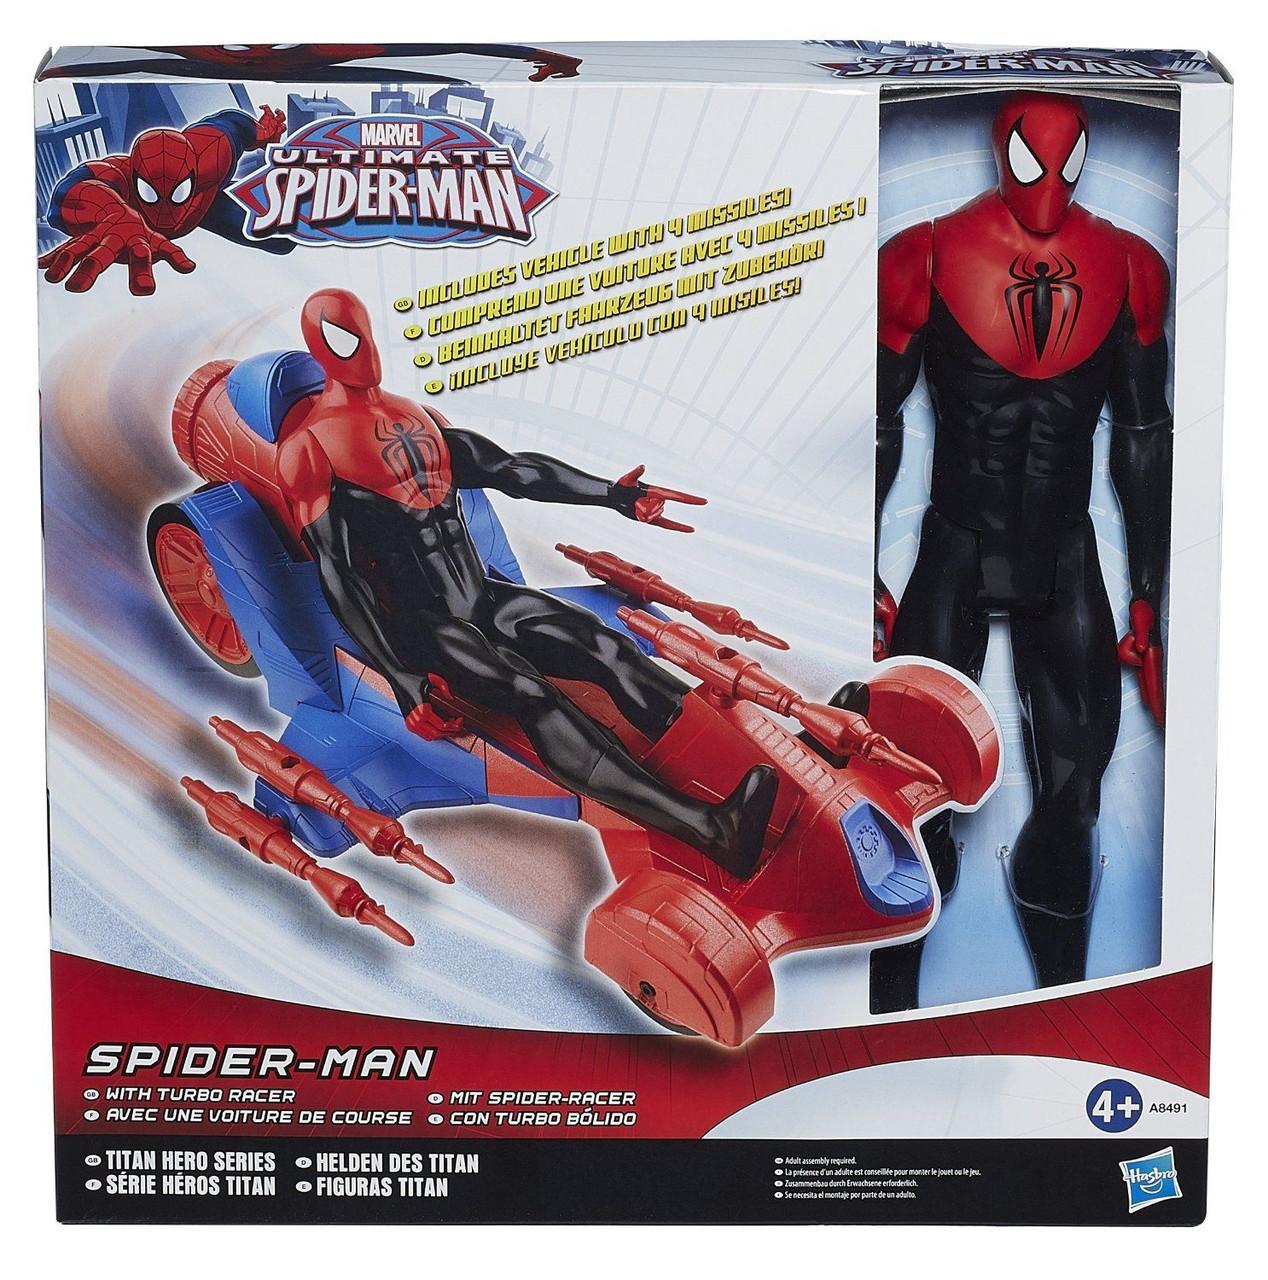 Автомобиль Человека Паука с фигуркой, серия Титаны - Spider-Man Turbo Racer, Titans, 30СМ, Hasbro